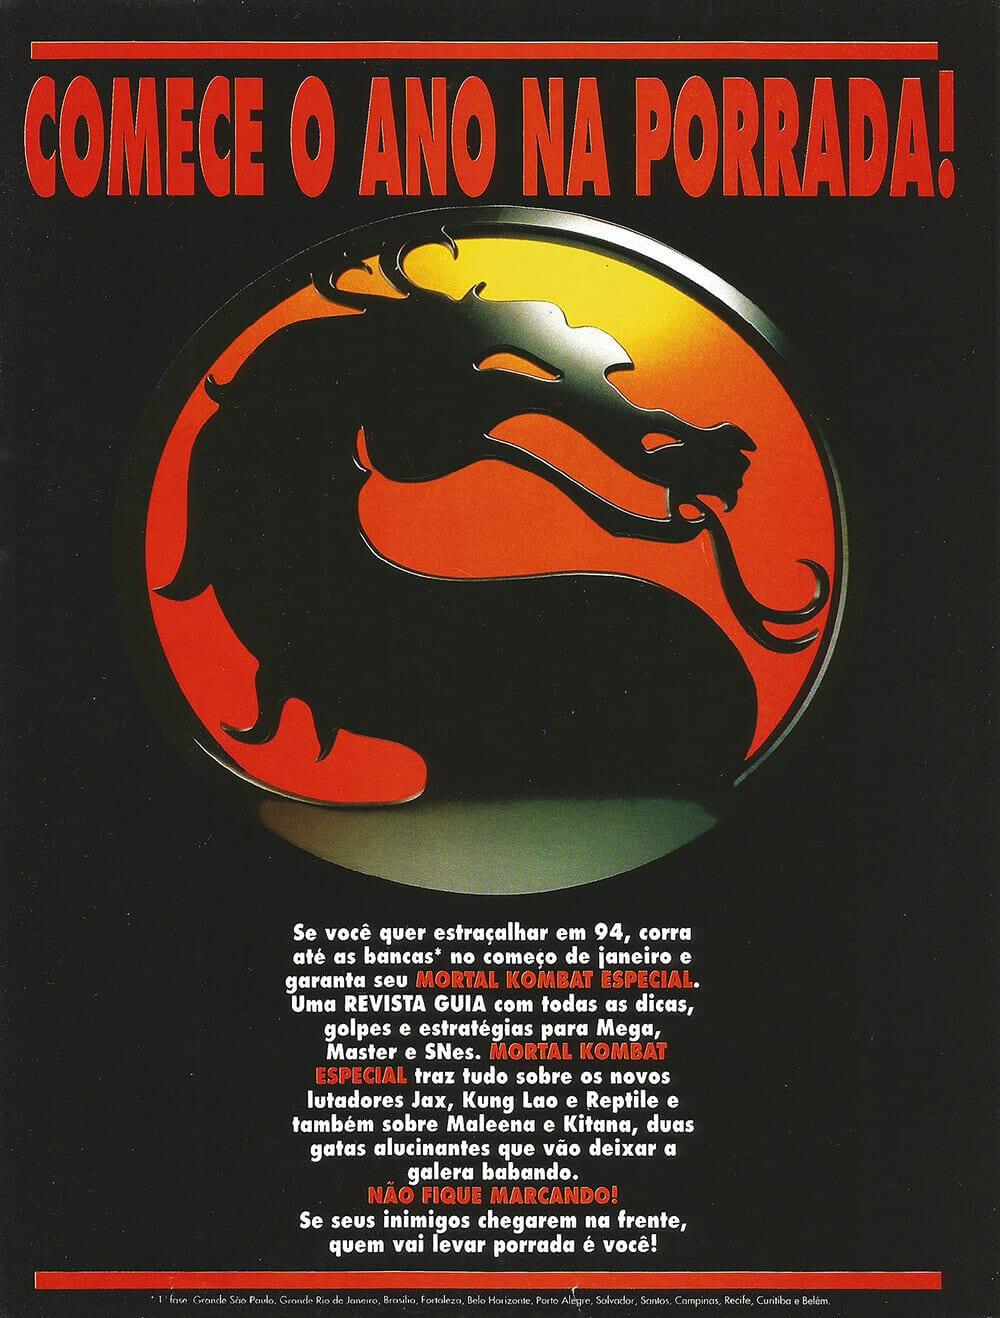 Mortal Kombat edição especial Supergame